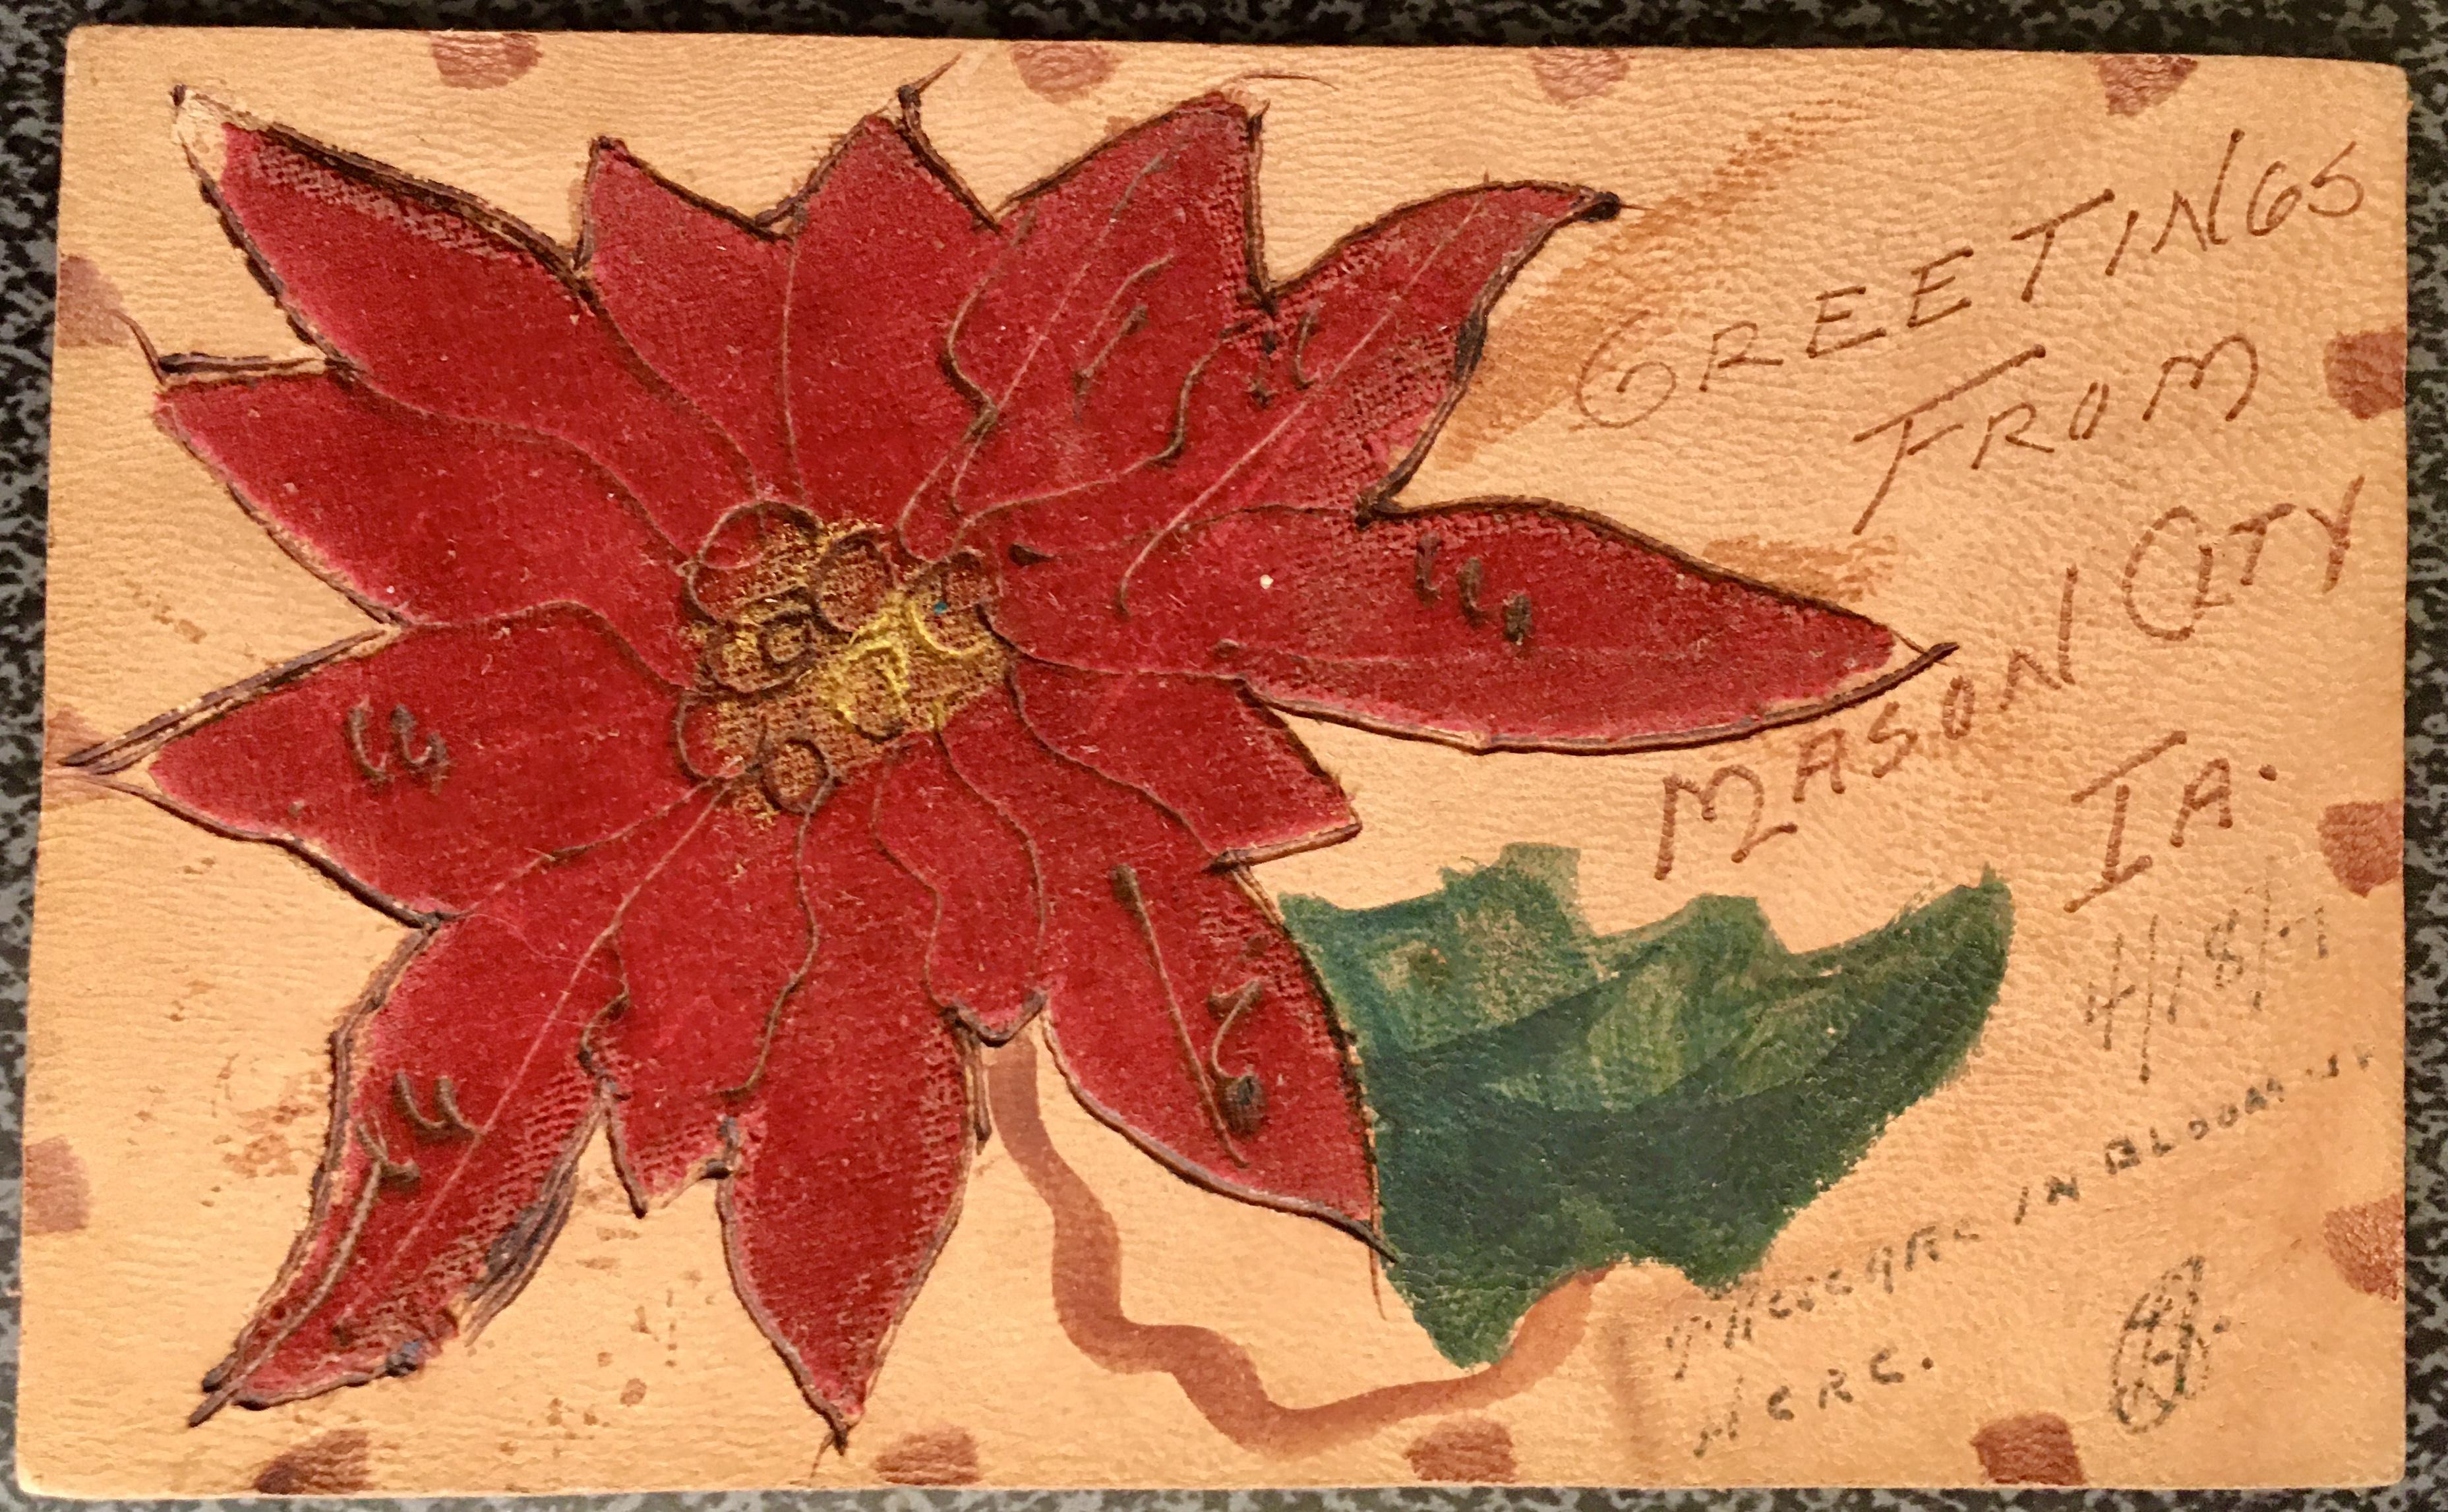 1907-mc-leathera